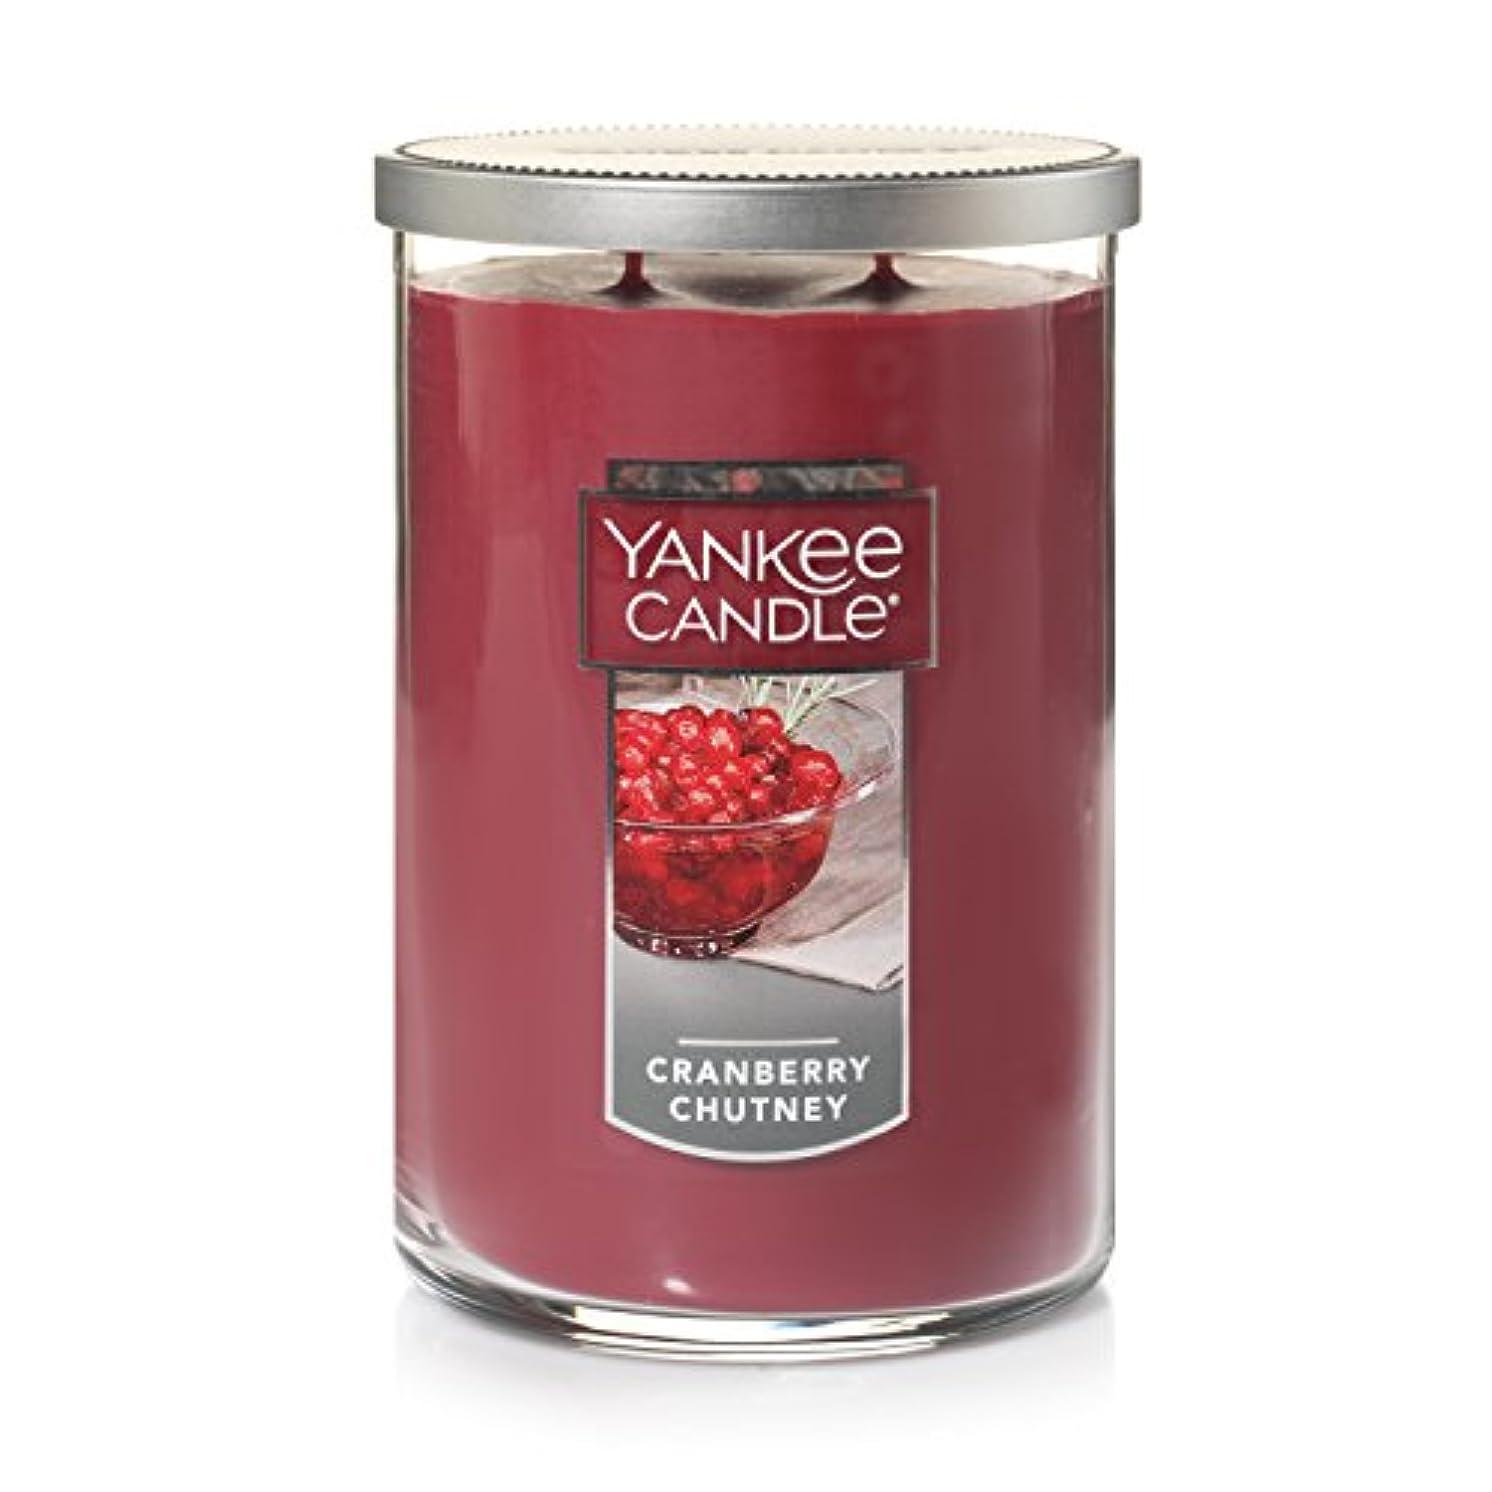 暖かさ海外で愛人Yankee CandleクランベリーChutney、フルーツ香り Large 2-Wick Tumbler Candle オレンジ 1123208